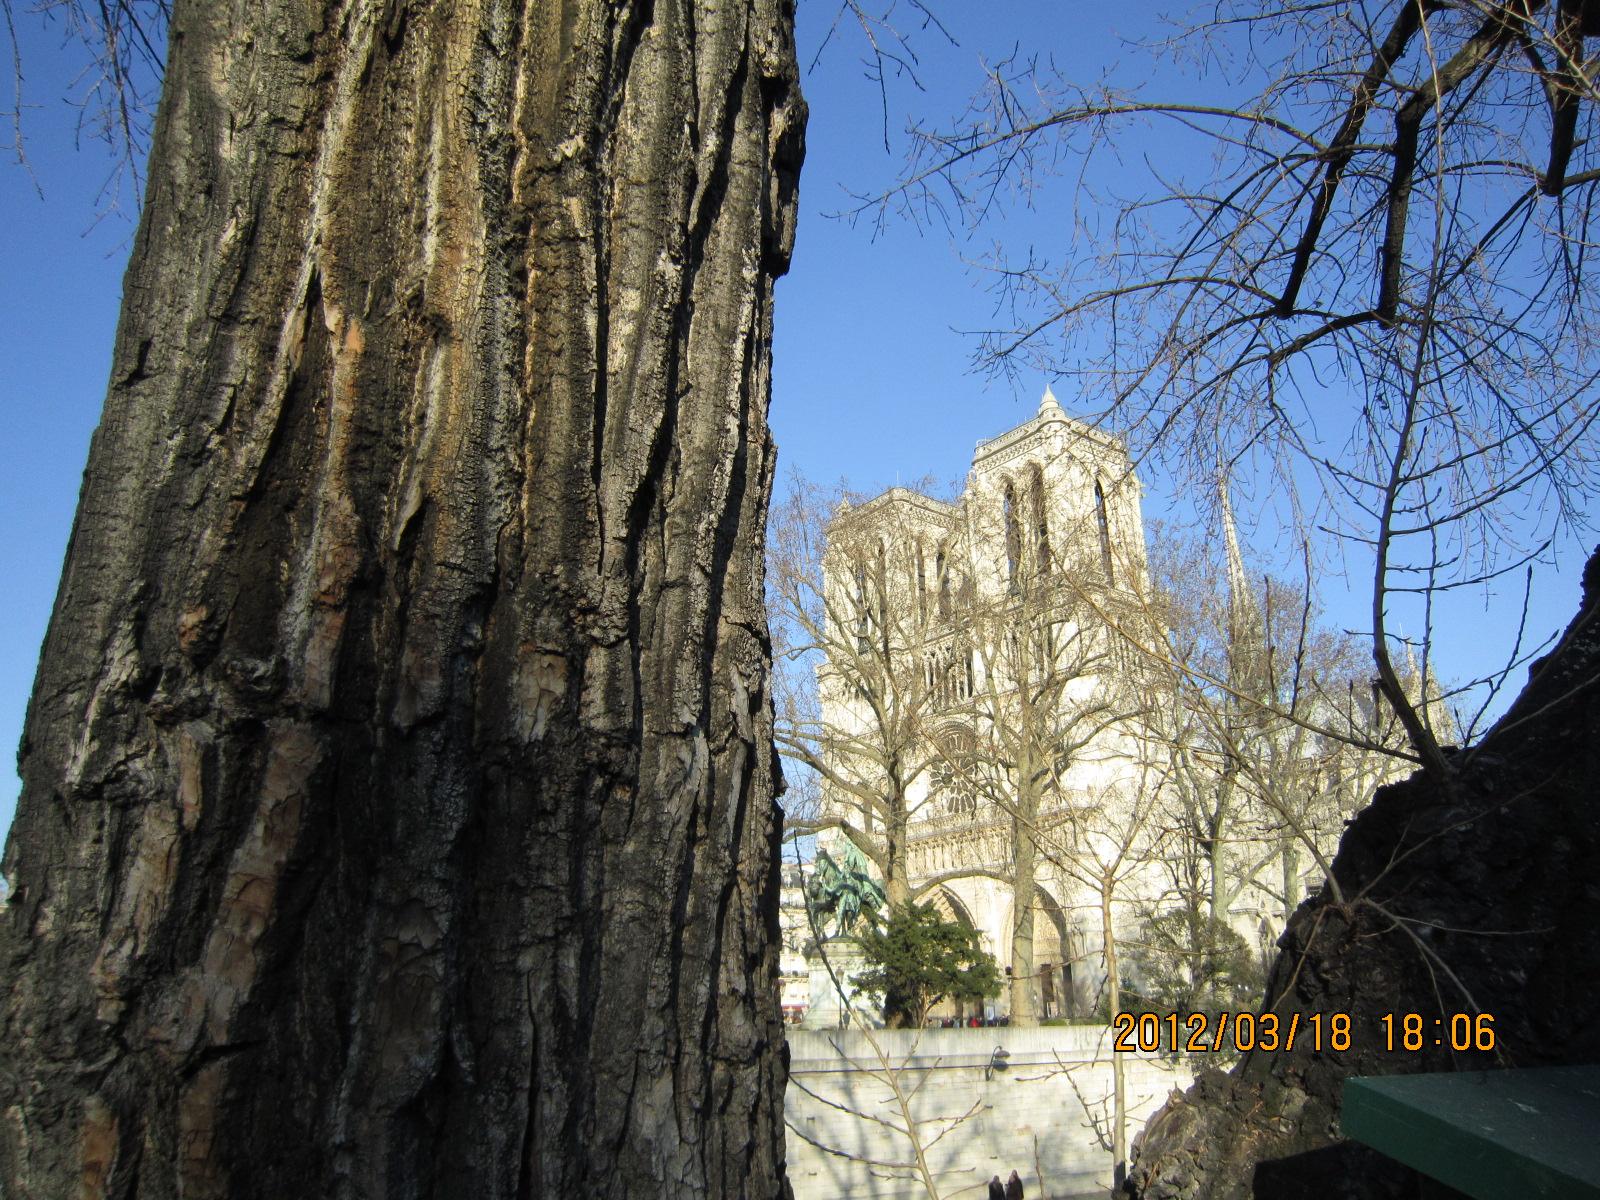 L'incendie de Notre-Dame :  encore un coup des Francs-Maçons ...disent déjà les cons